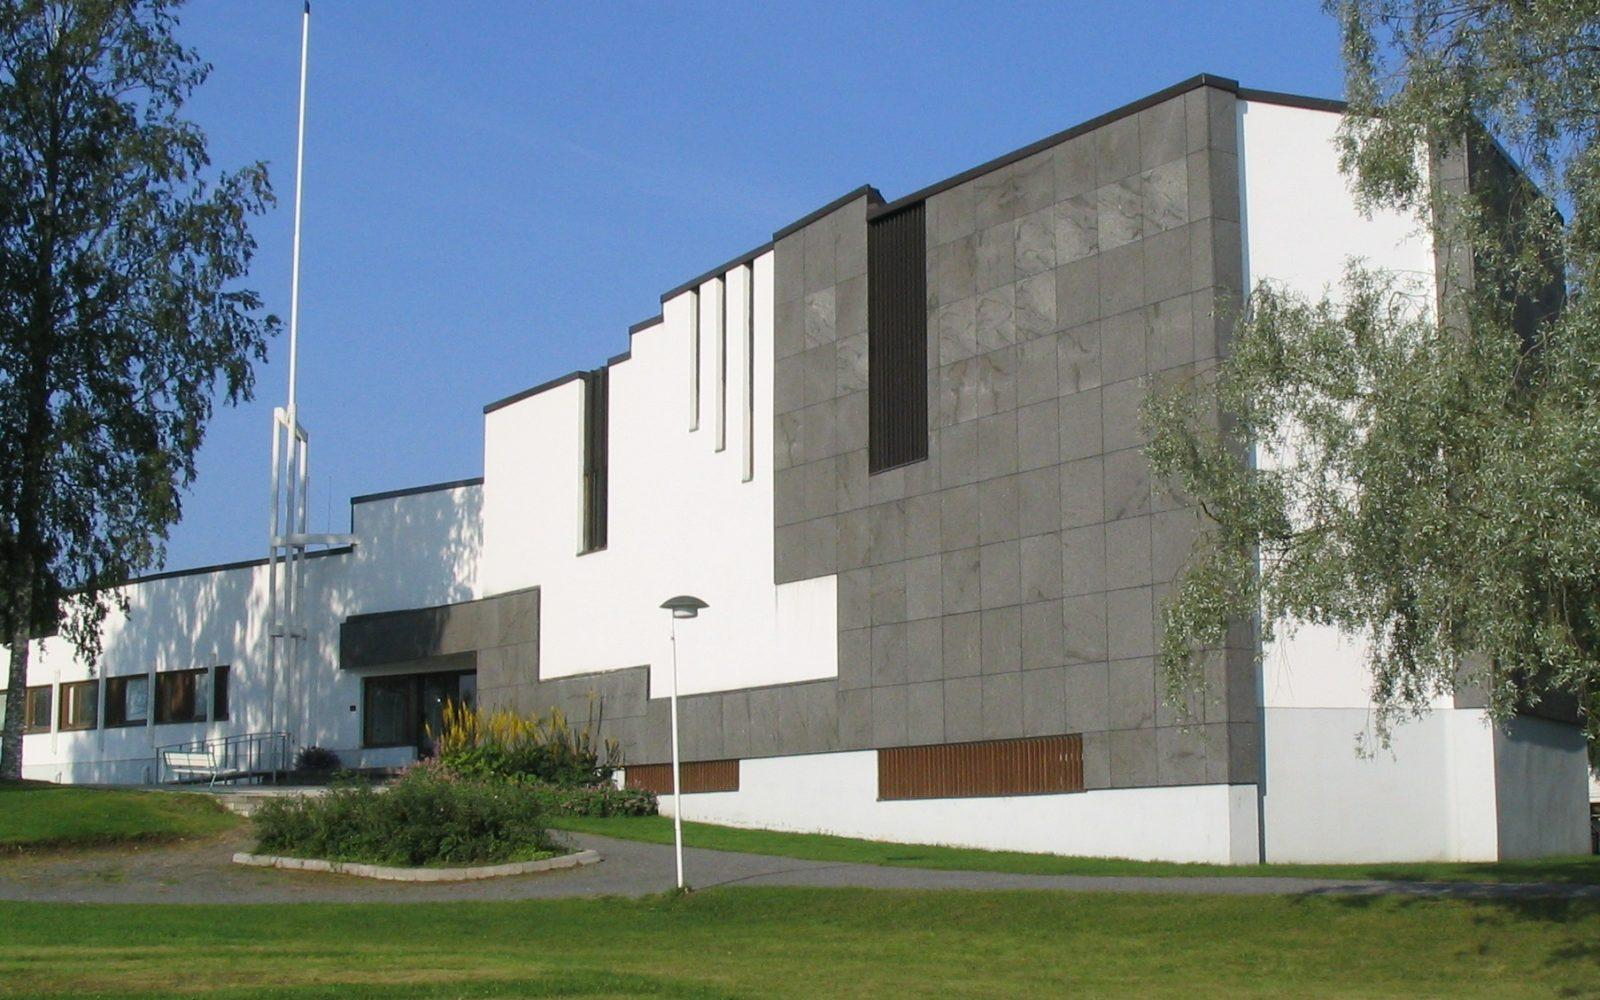 Alajärven kaupungintalo